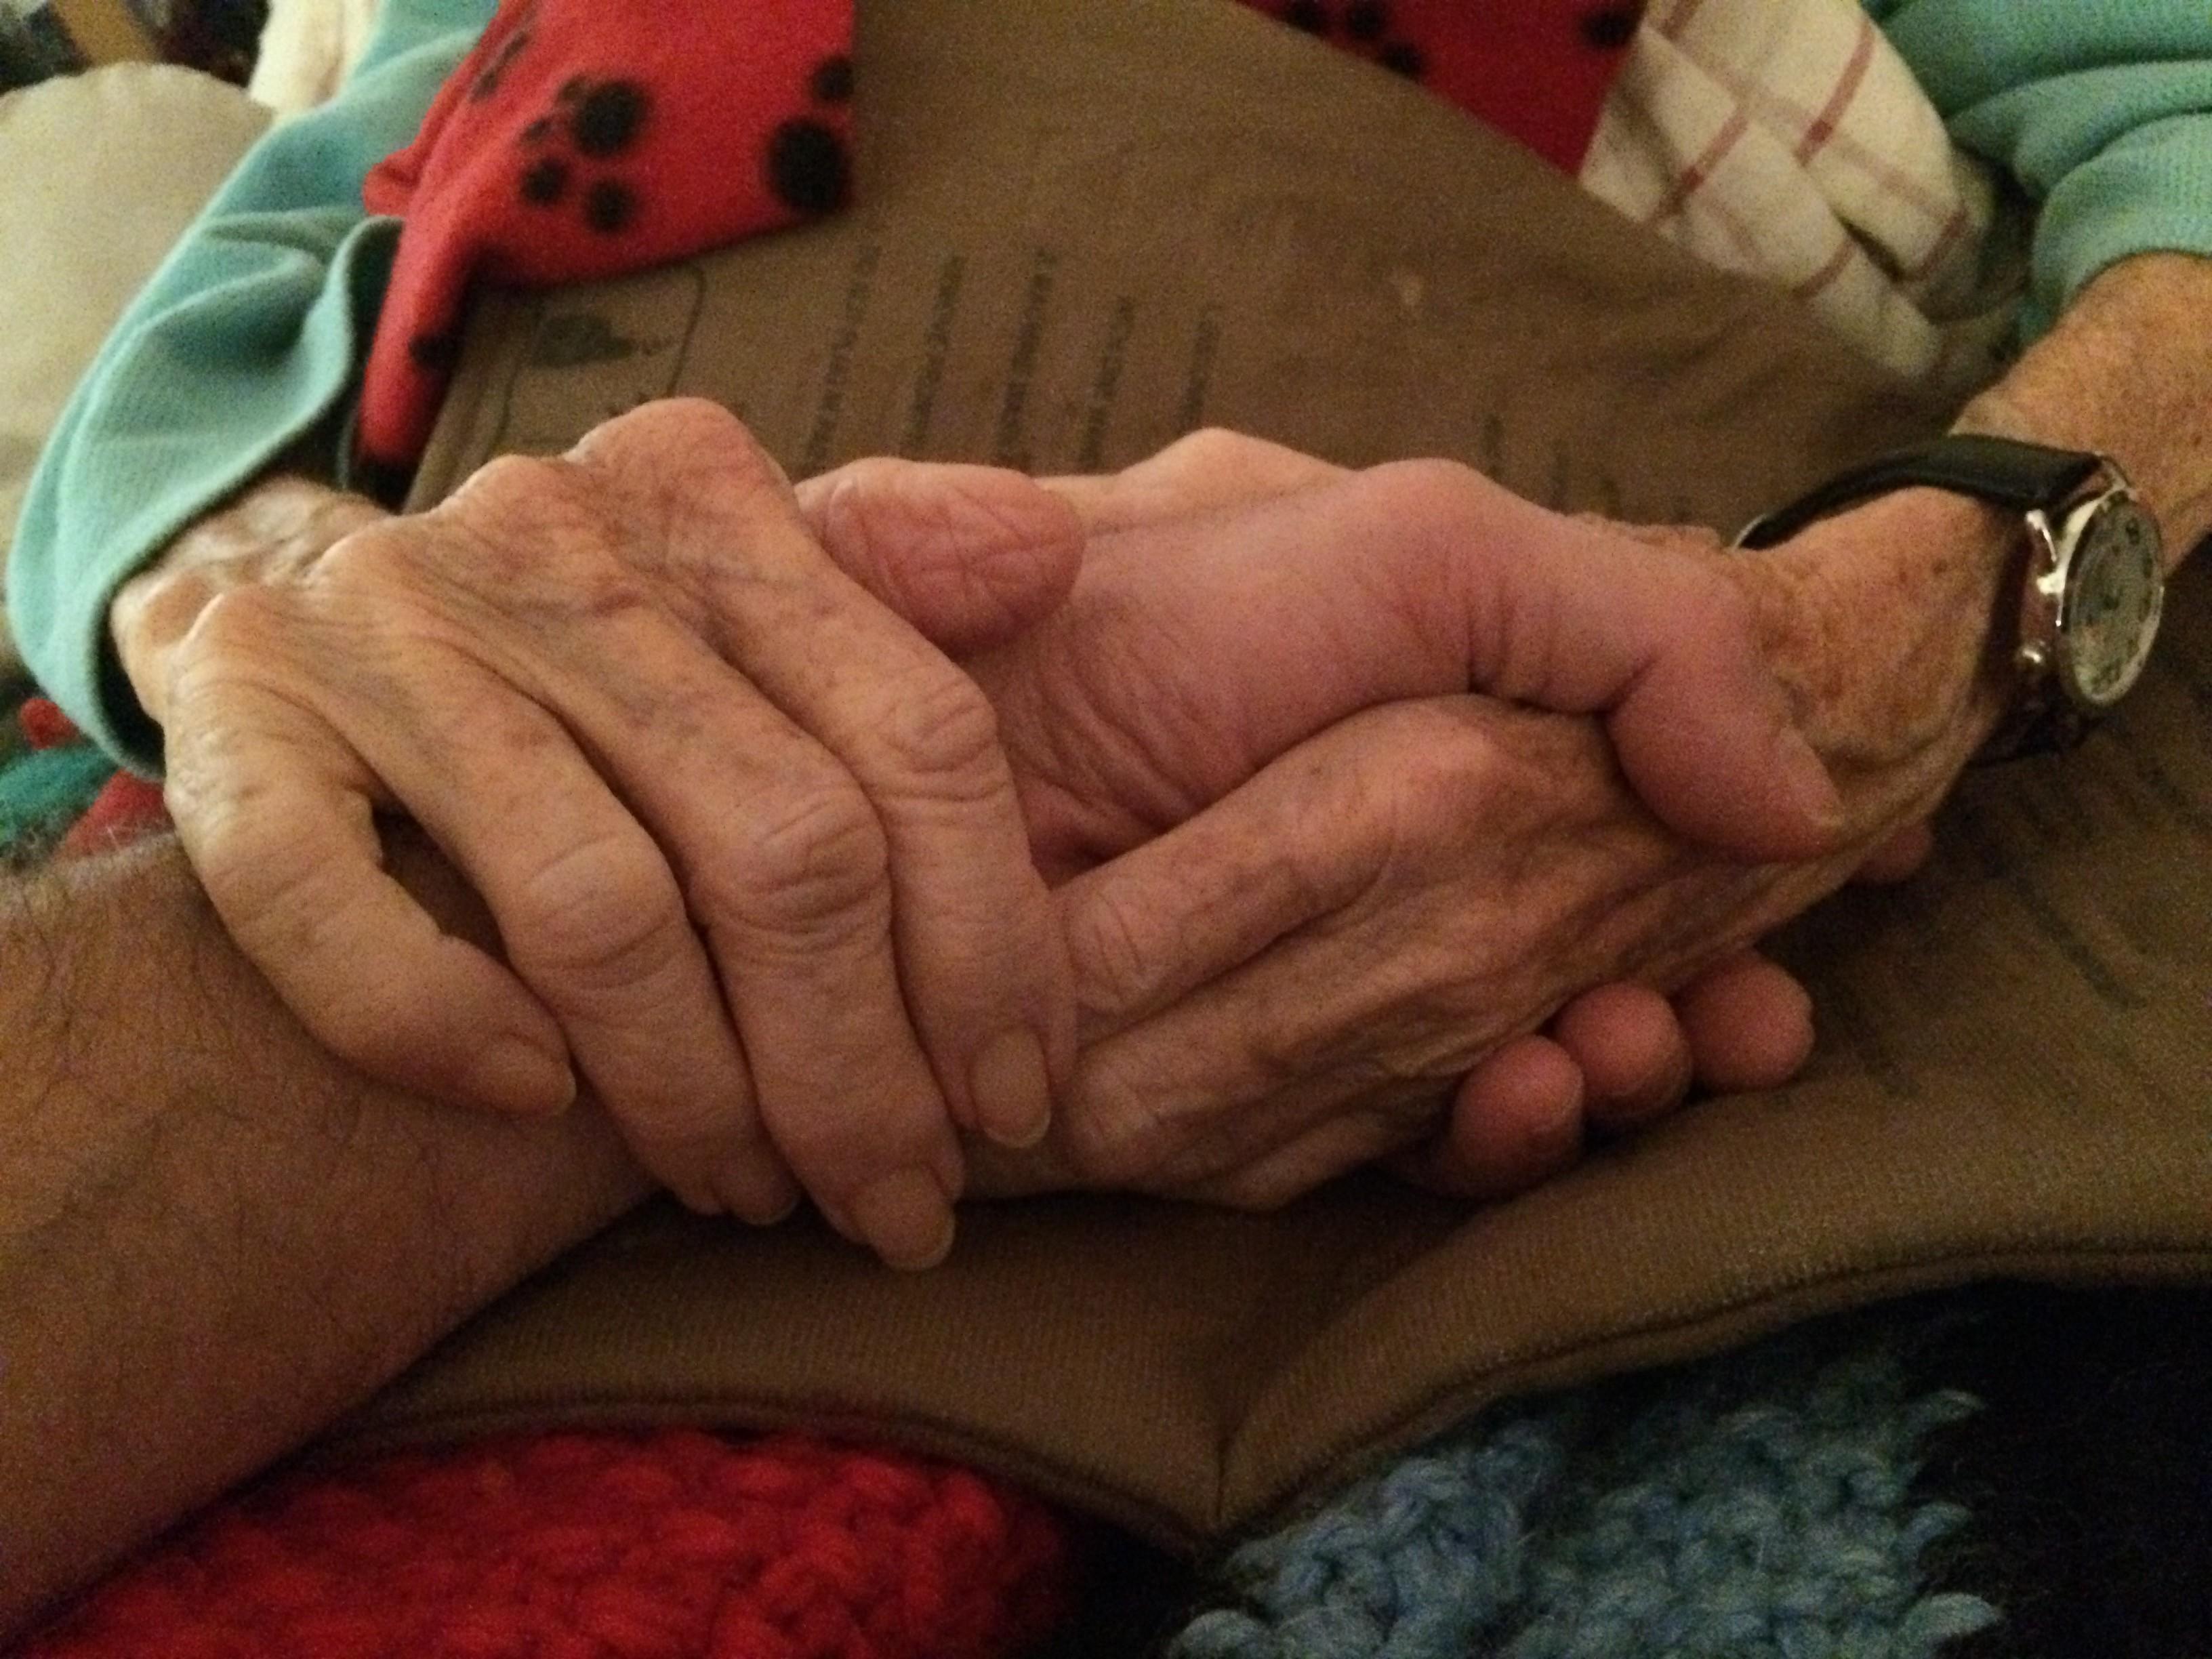 ruth-danny-hands